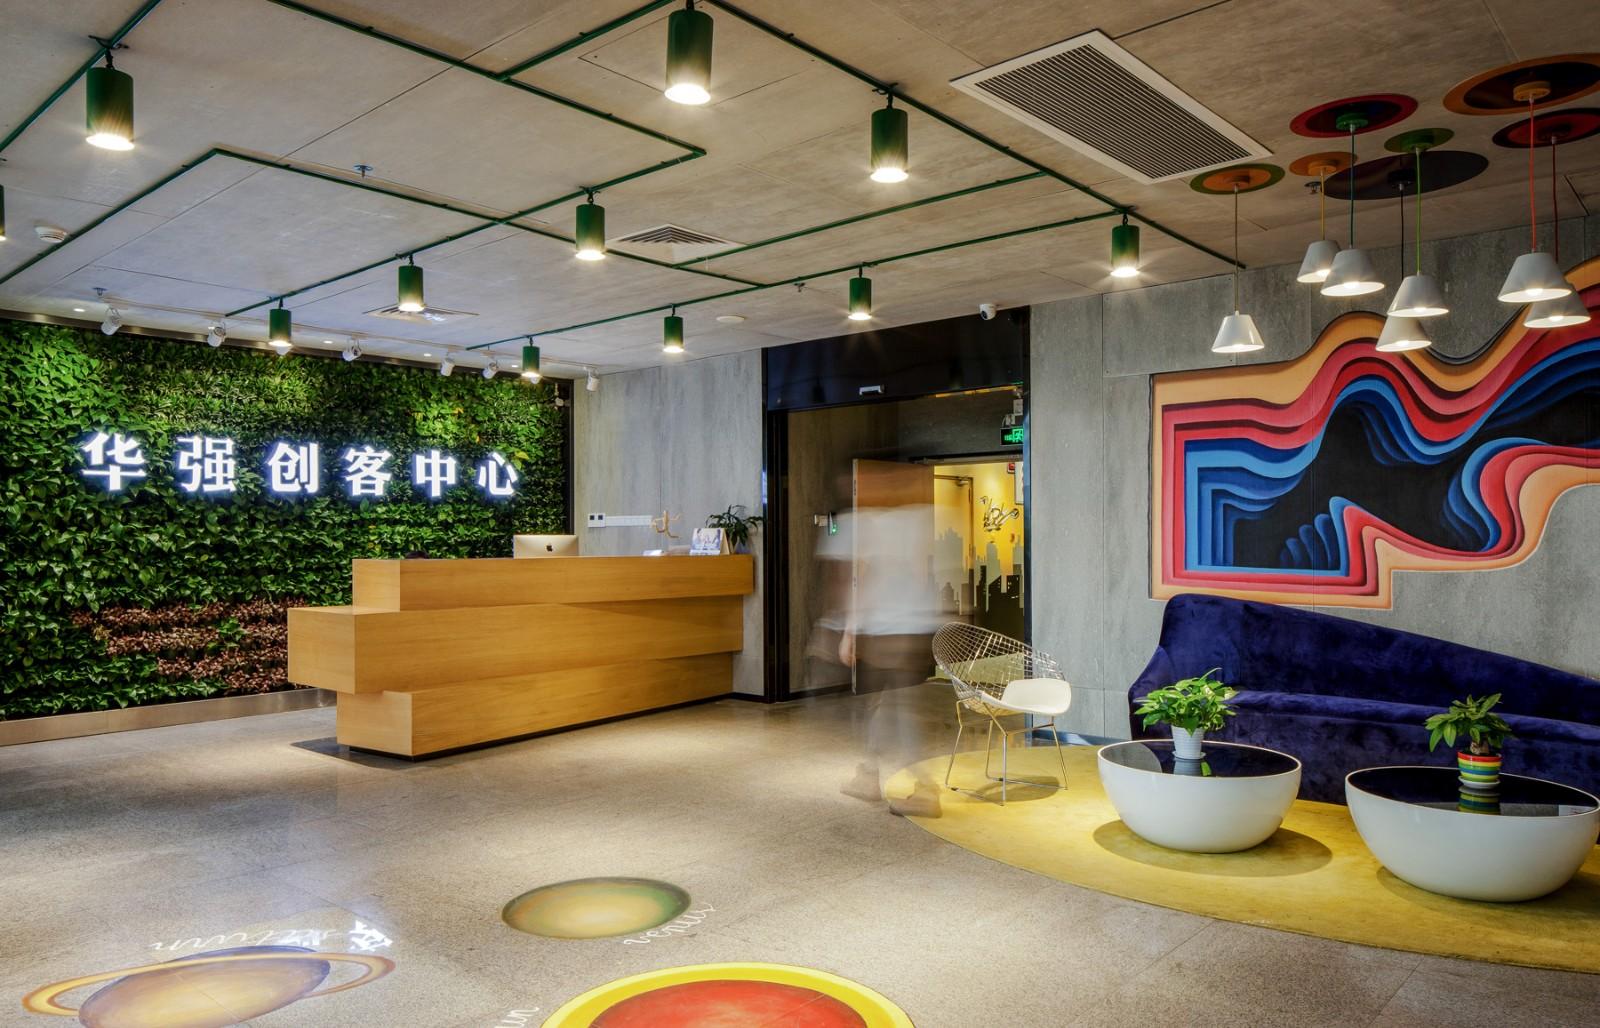 深圳华强北国际创客中心——国家级众创空间